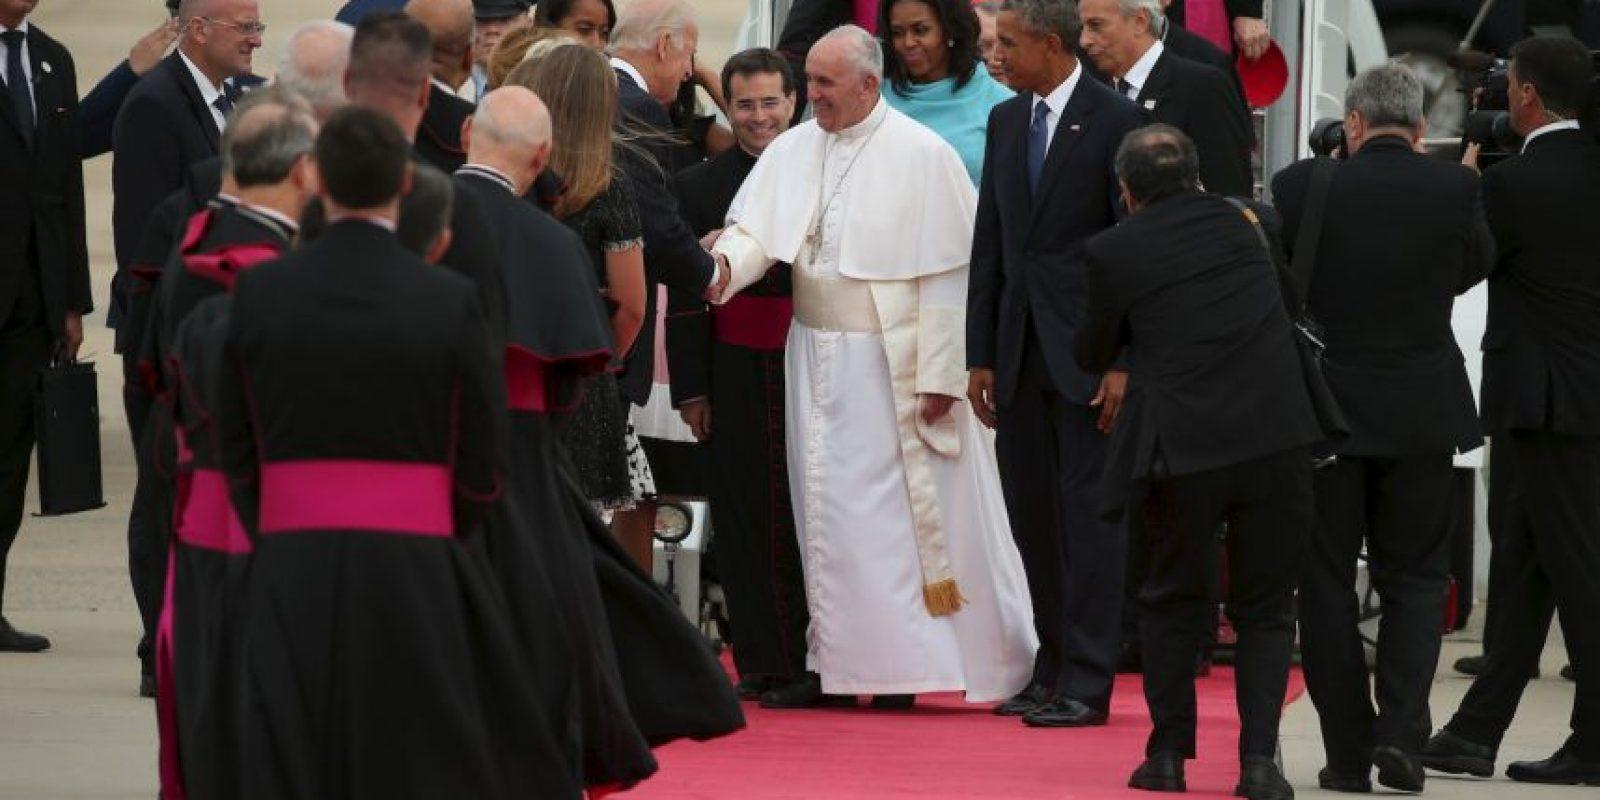 Los seguidores gritaban y hacían porras mientras el pontífice saludaba otros religiosos. Foto:AFP